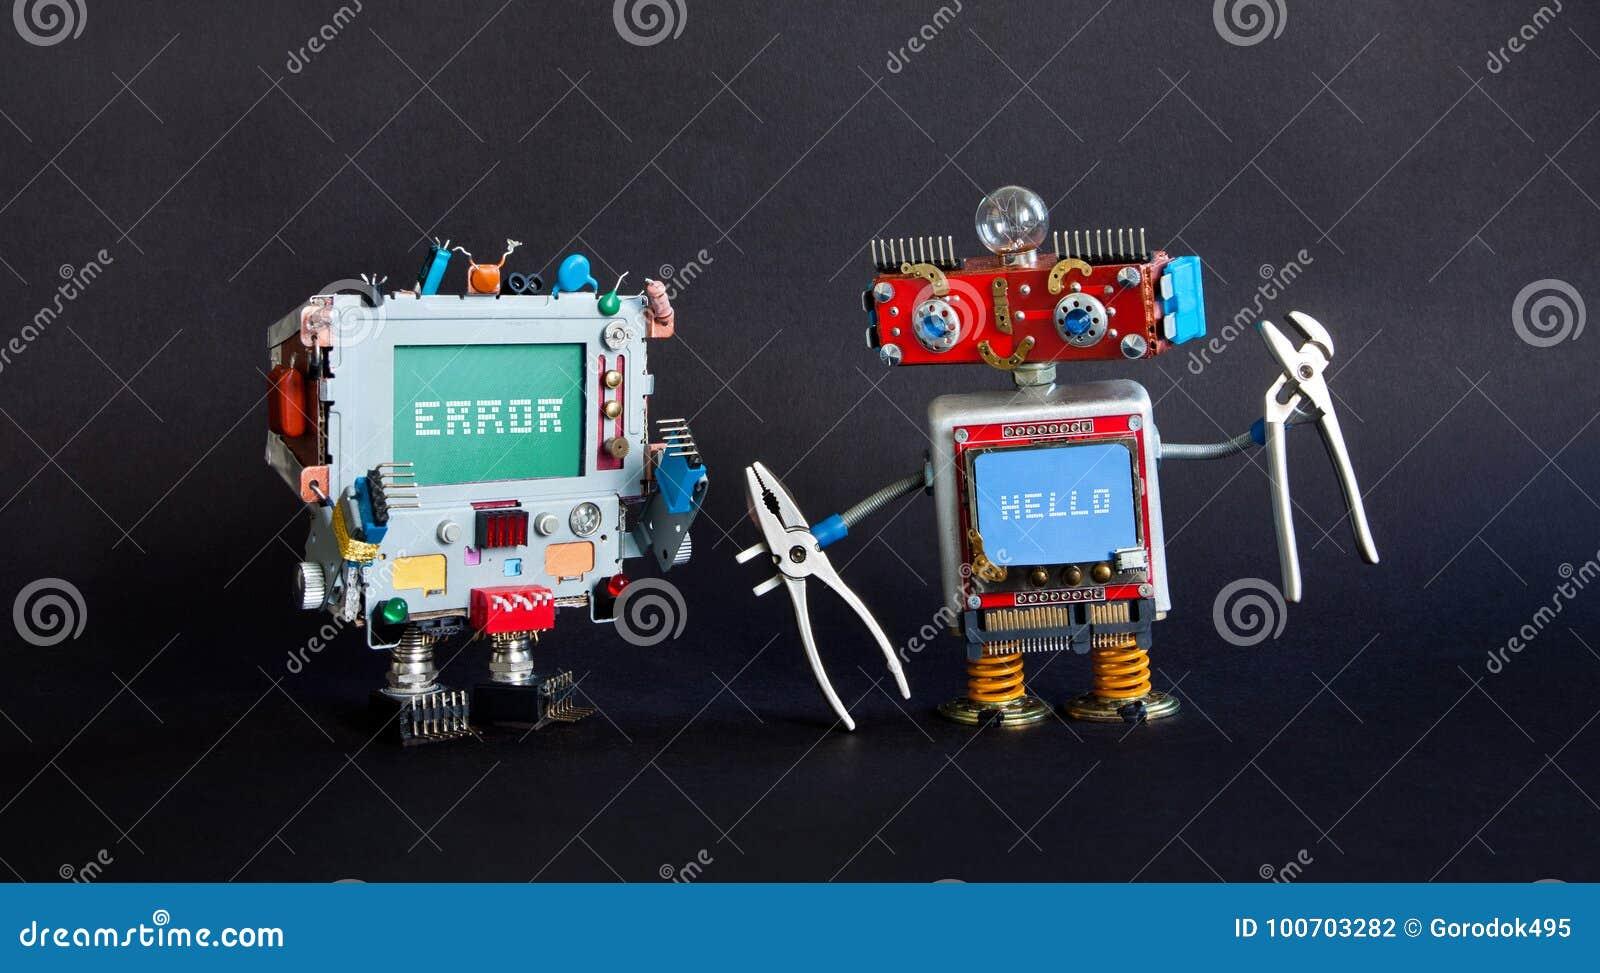 Σπασμένη καθορίζοντας έννοια υπολογιστών Οι handyman πένσες ρομπότ επισκευάζουν το σπασμένο όργανο ελέγχου cyborg Μήνυμα λάθους σ